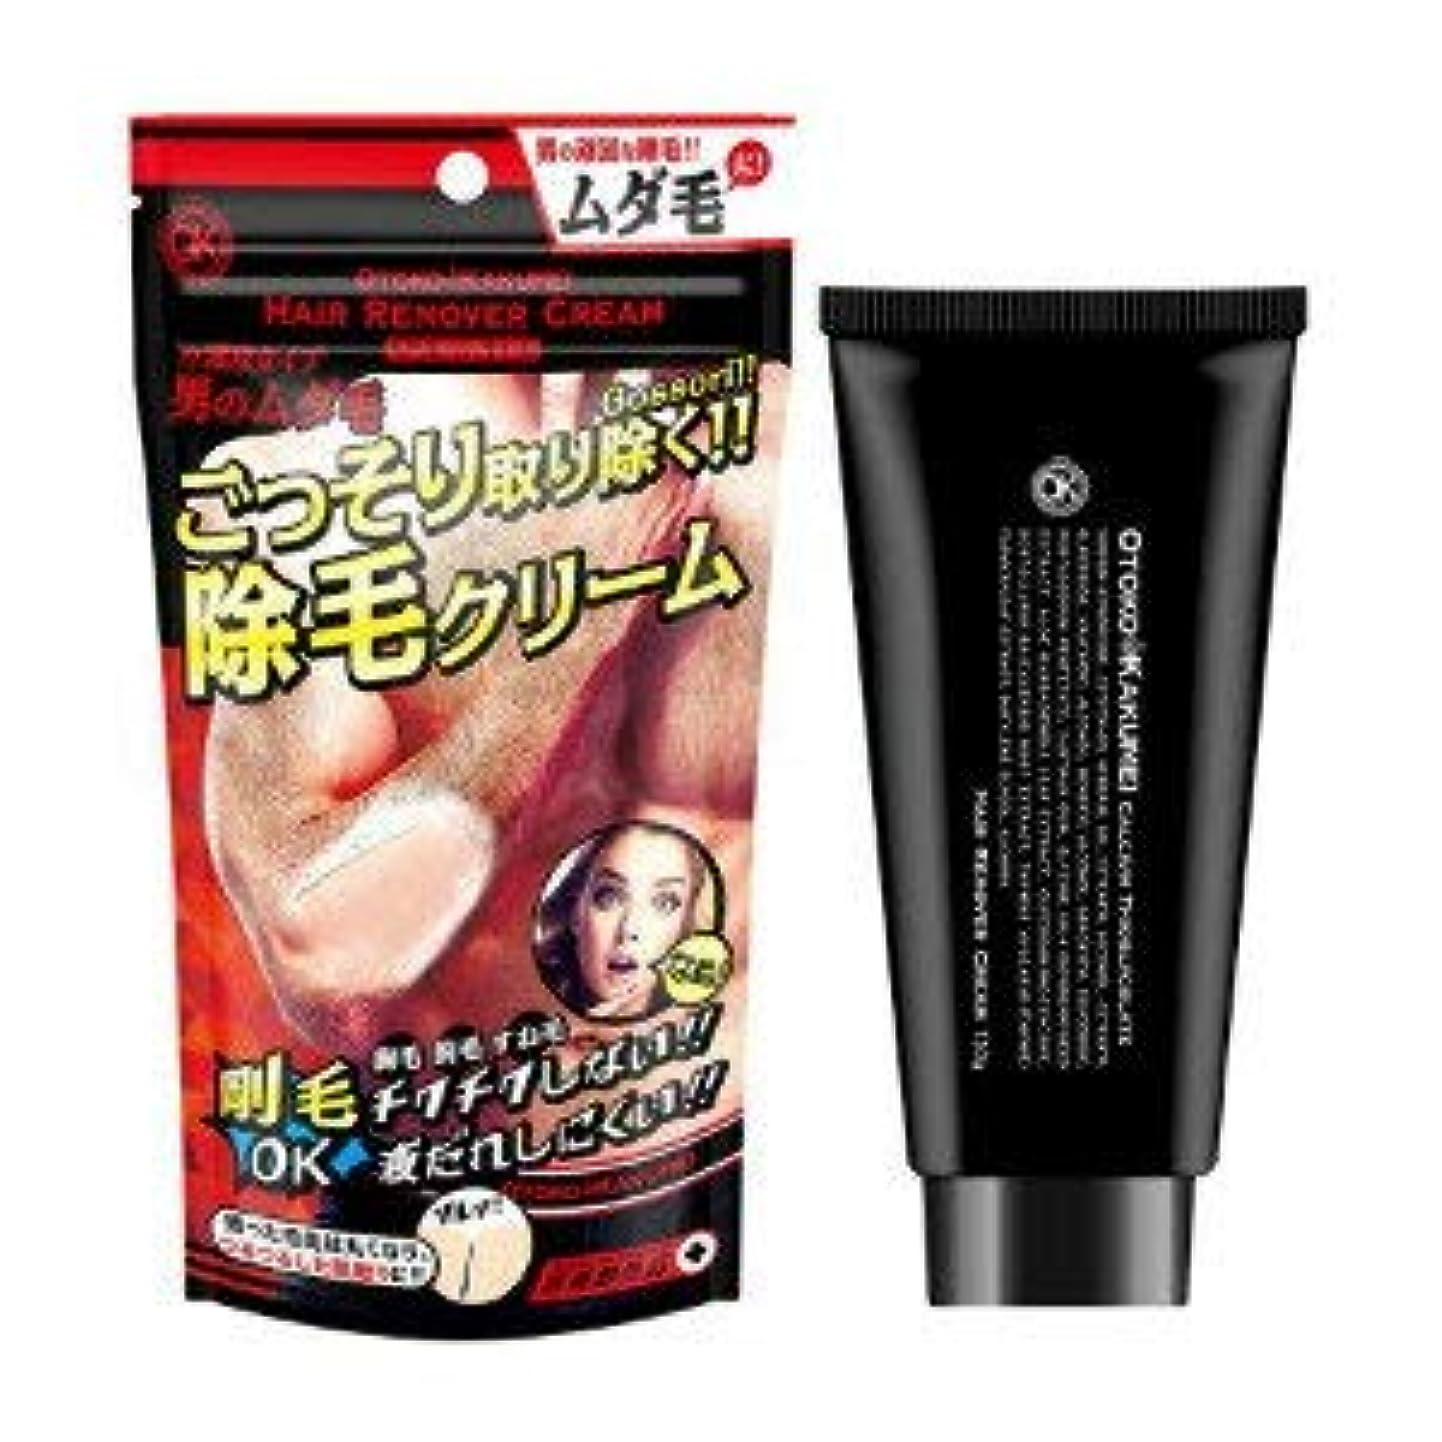 選択ネクタイの頭の上GR OTOKO KAKUMEI ヘアリムーバークリーム 130g×3個セット (医薬部外品)